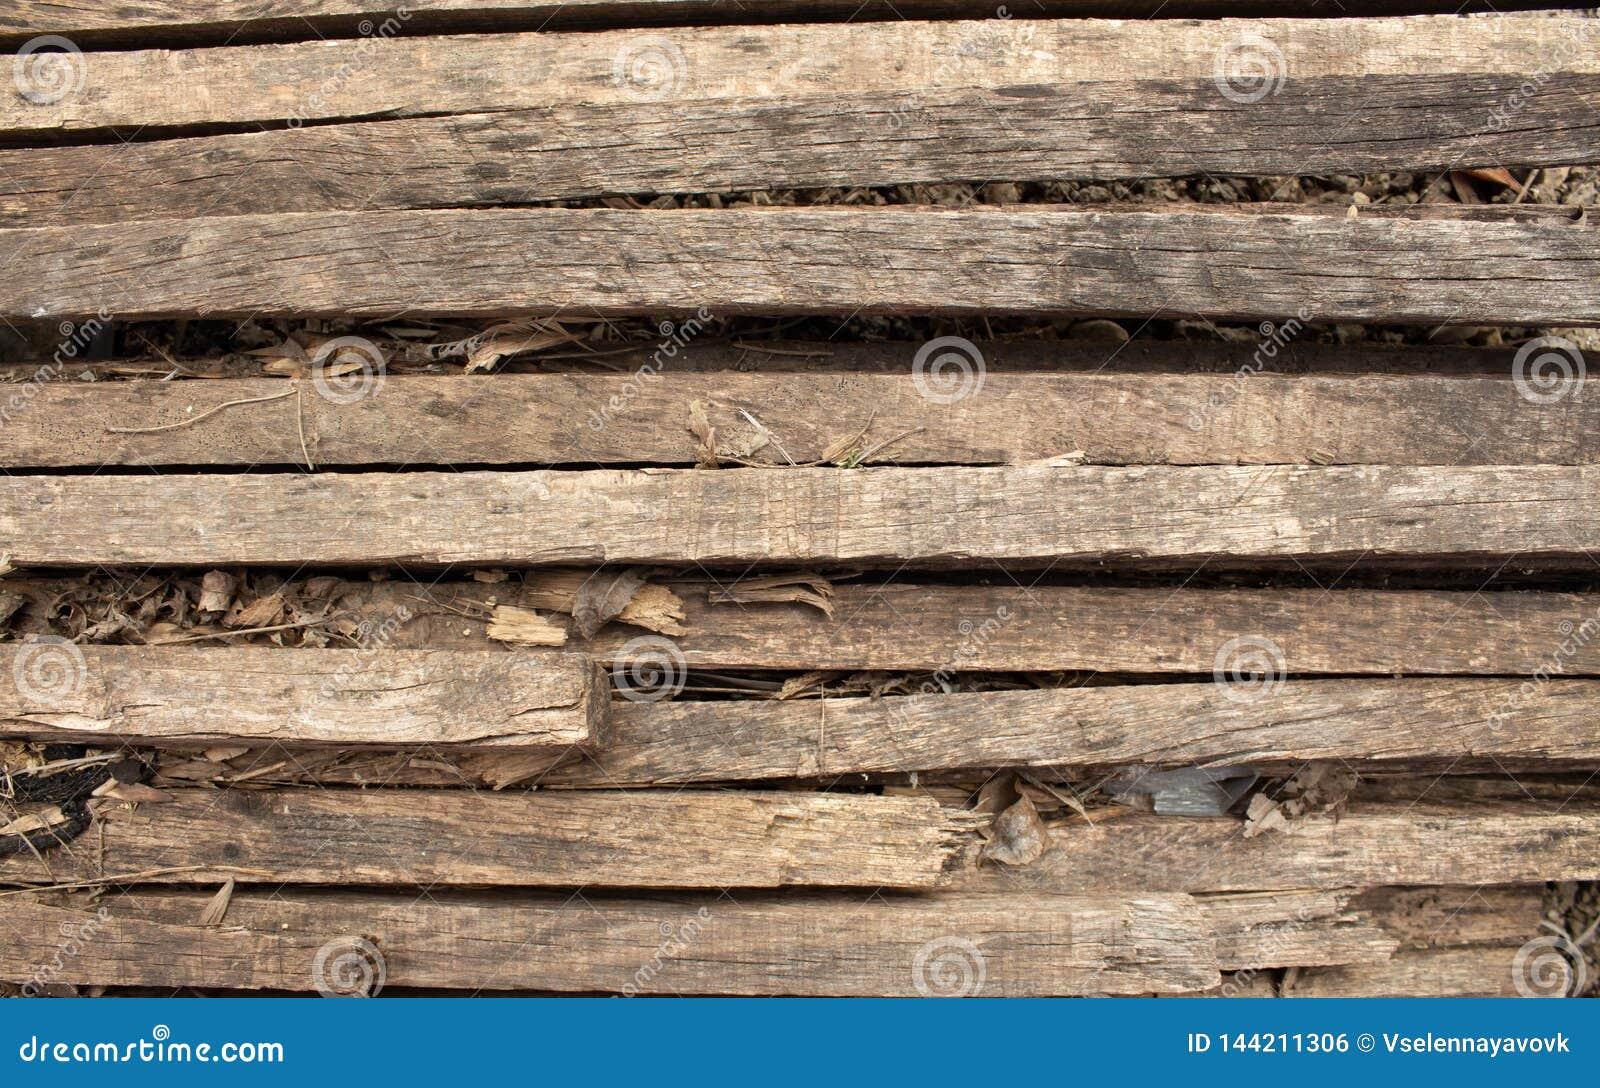 Fond brun naturel en bois avec des cicatrices et des mod?les Lamelles en bois Arbre br?l?